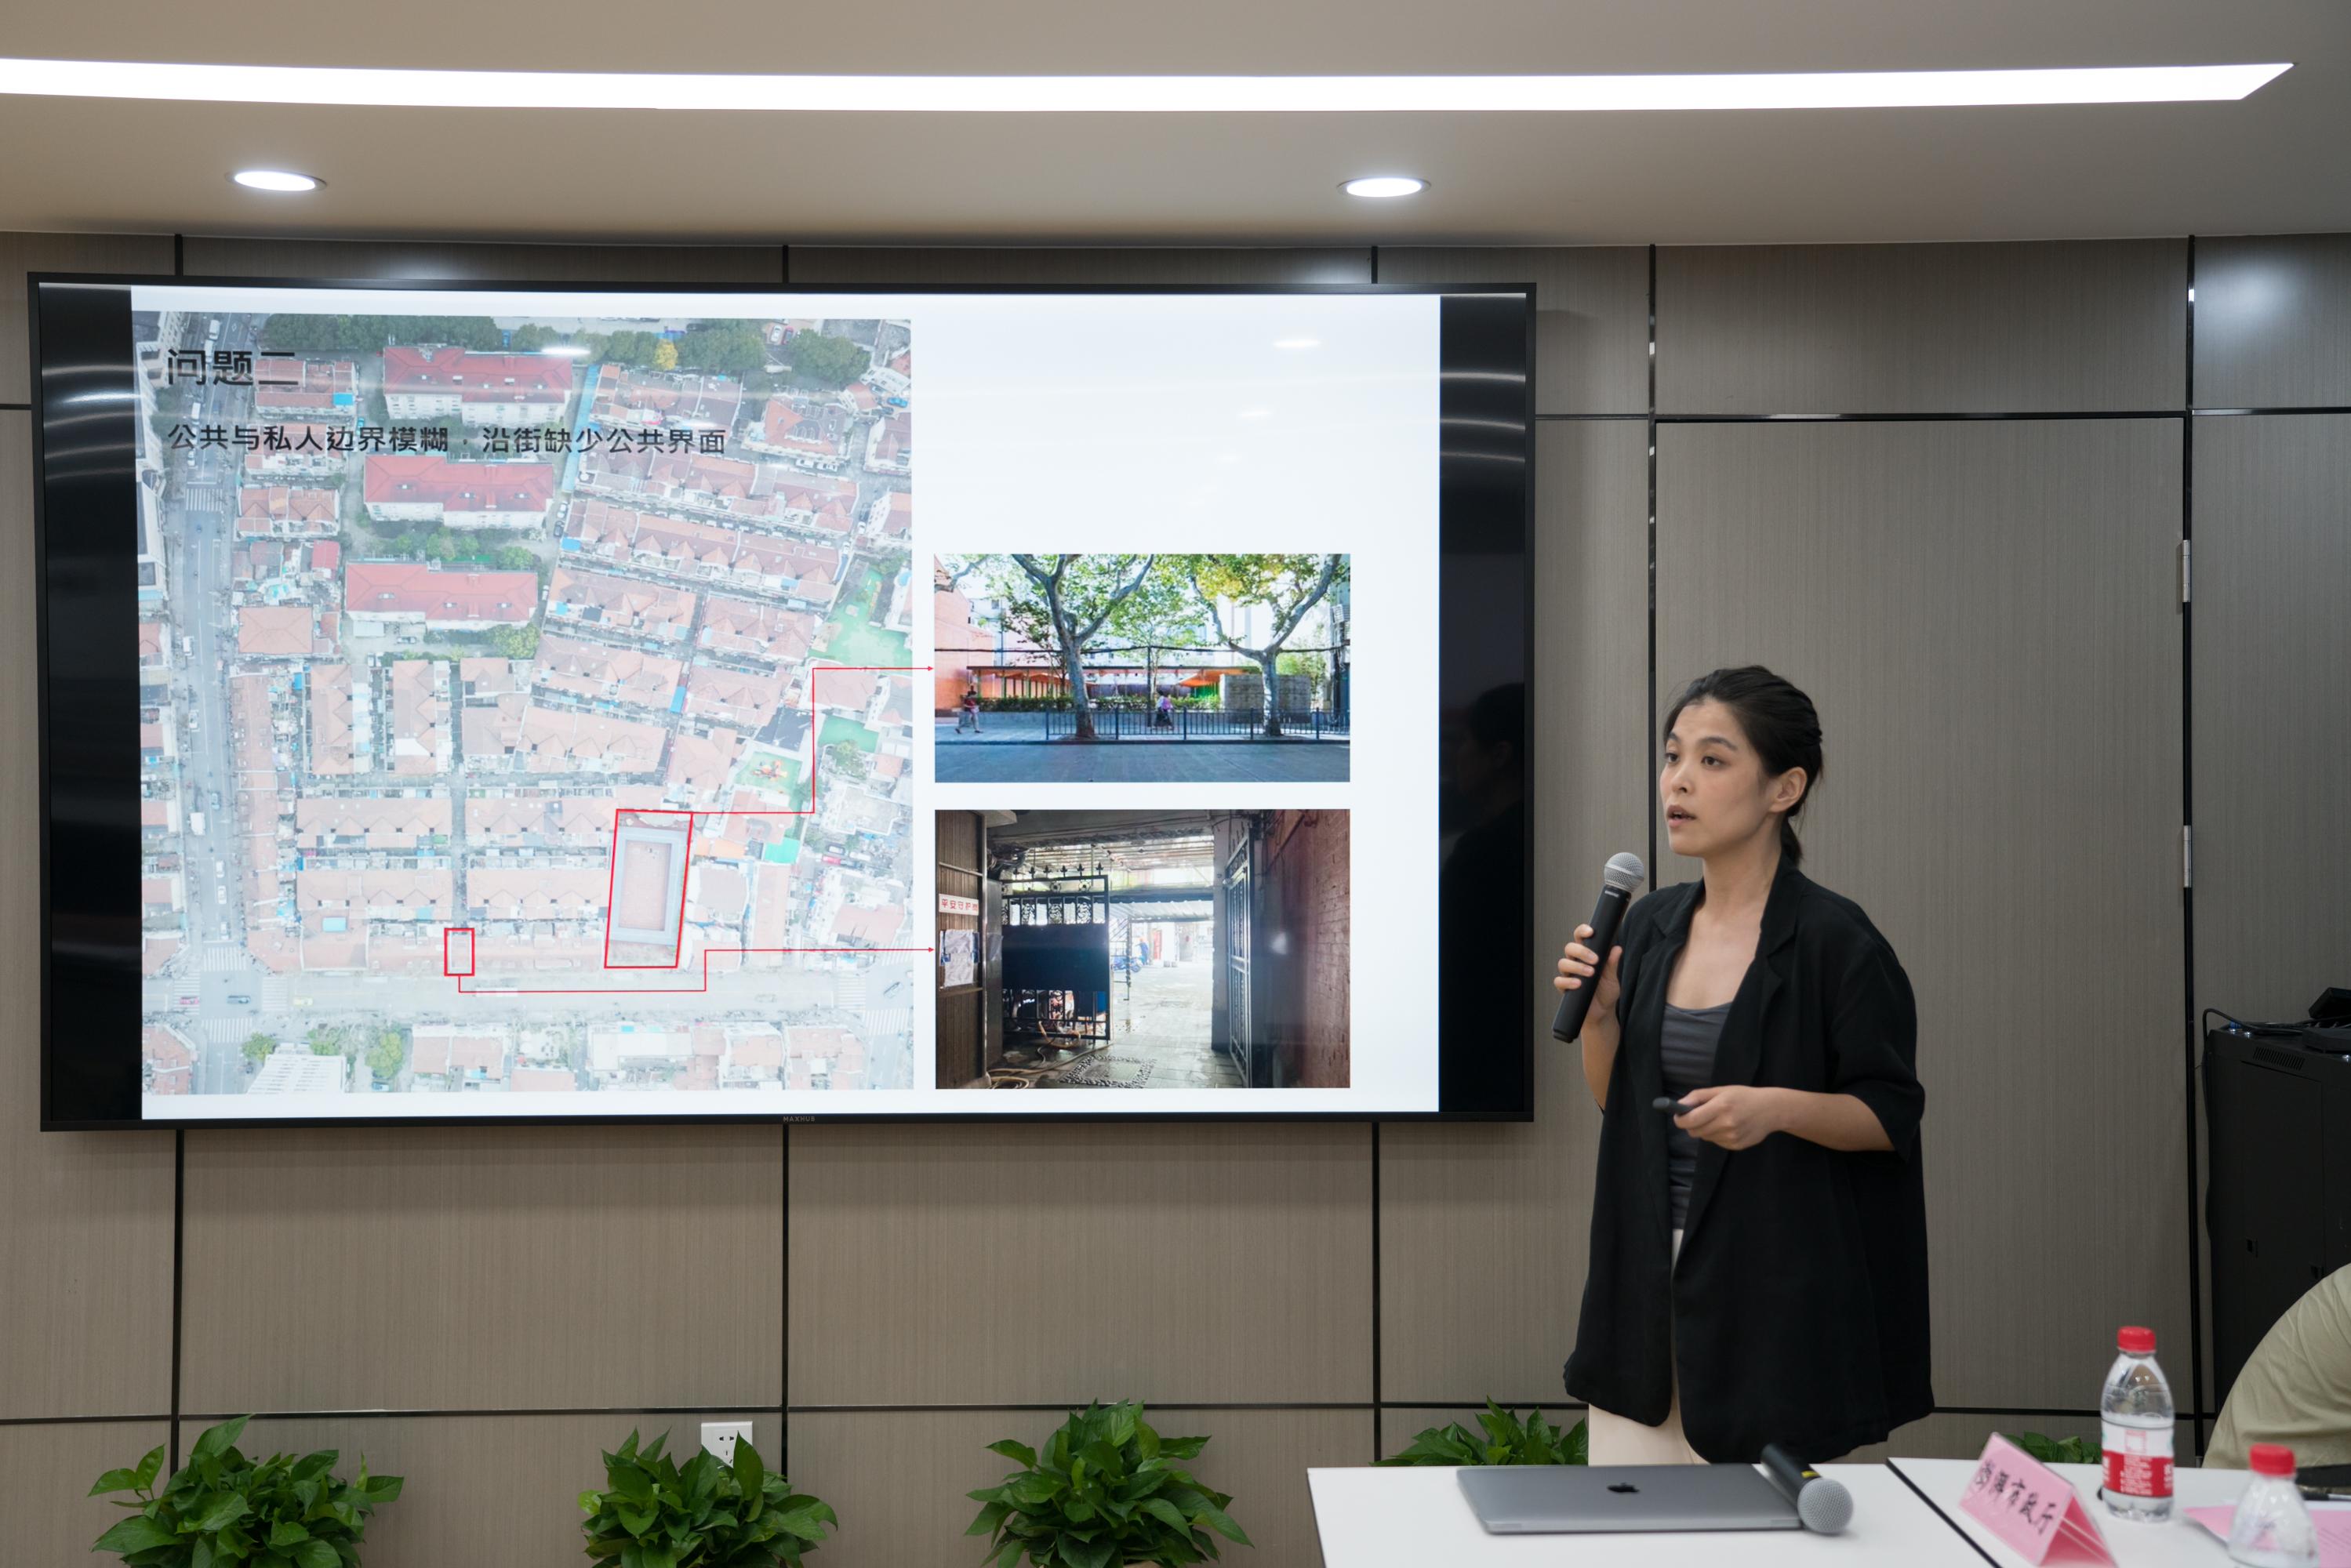 或间建筑工作室正在汇报。团队成员:郑皓钟、宋依、张洁、施晟宇;组长:郑皓钟、宋依。